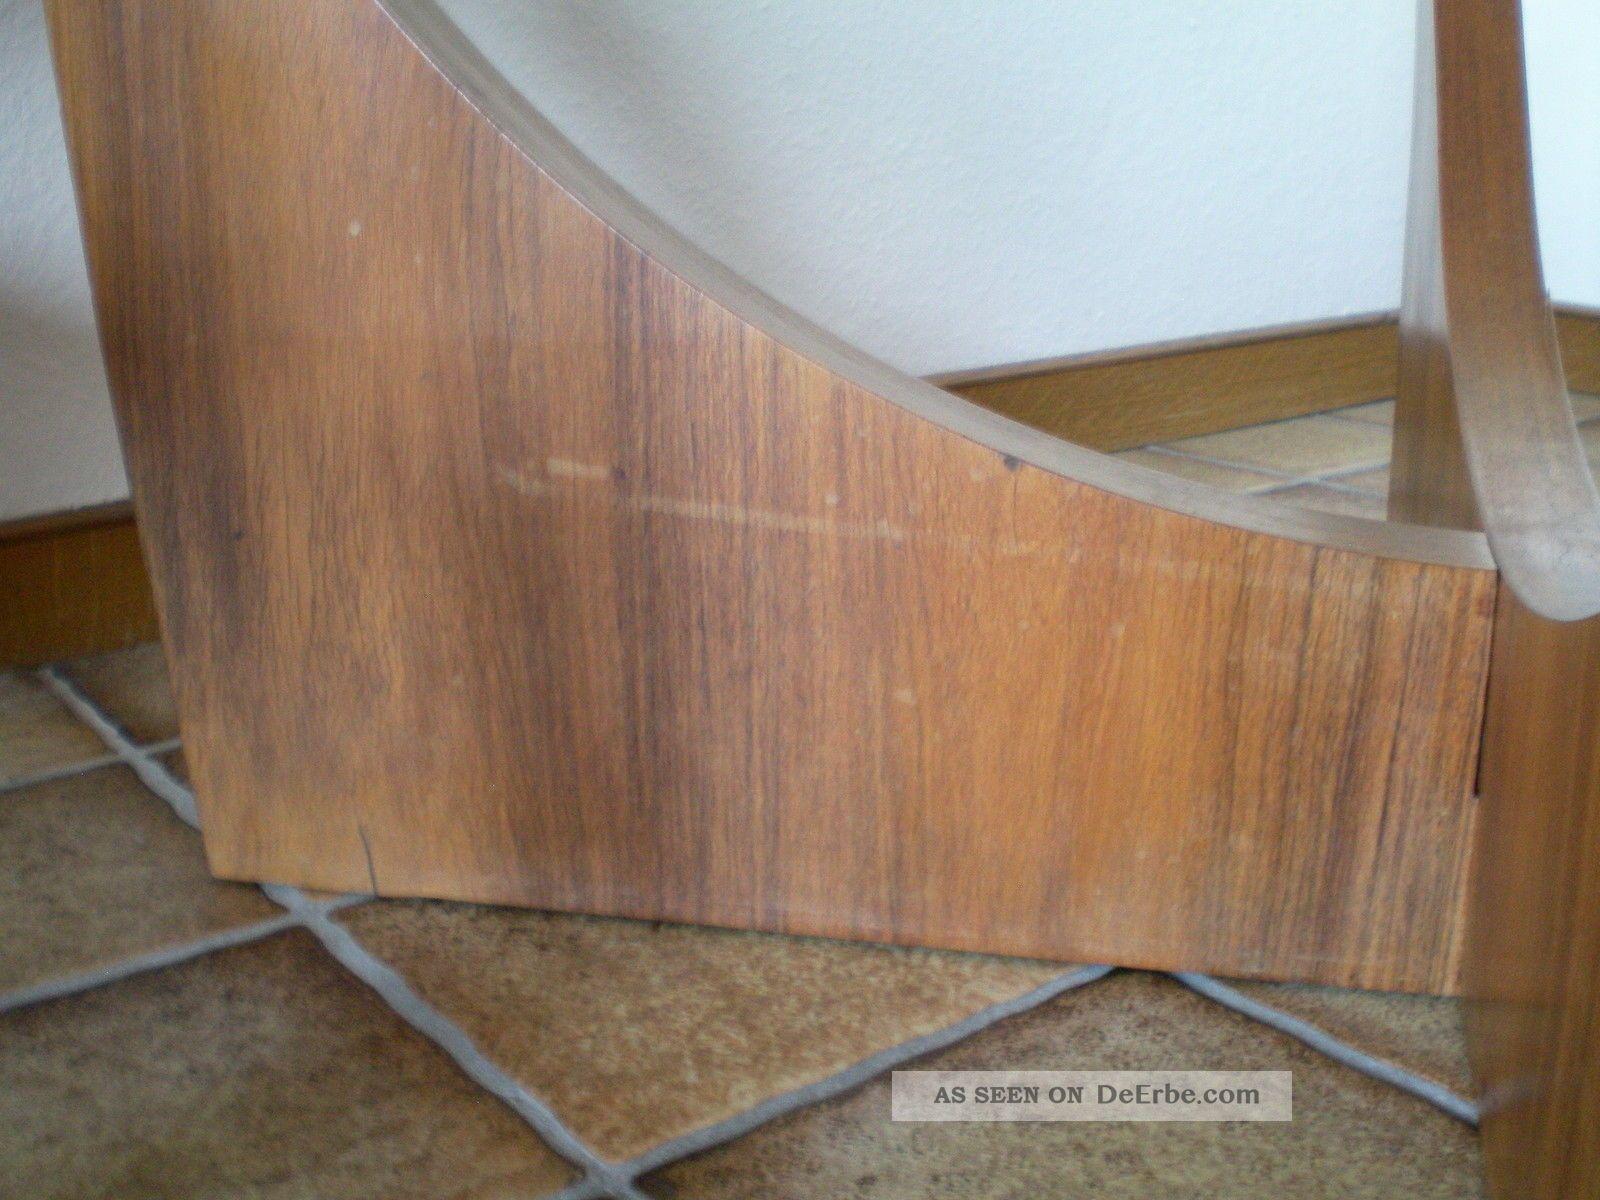 Danish Design Tisch 60er 70er Couchtischteak Holz Rund